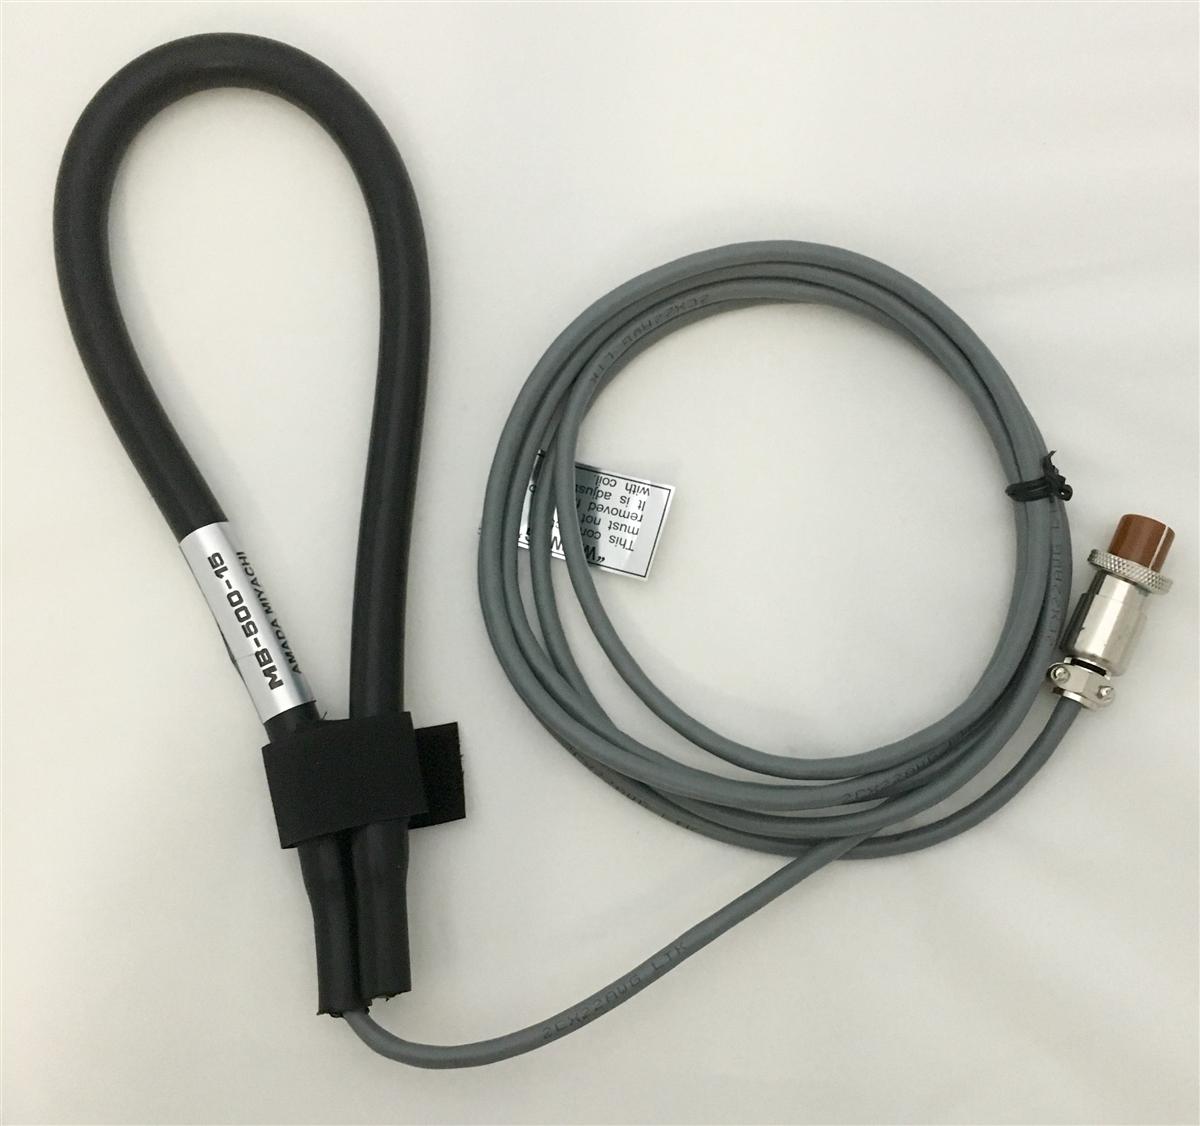 Sensor MB-500-15-00 MIYACHI